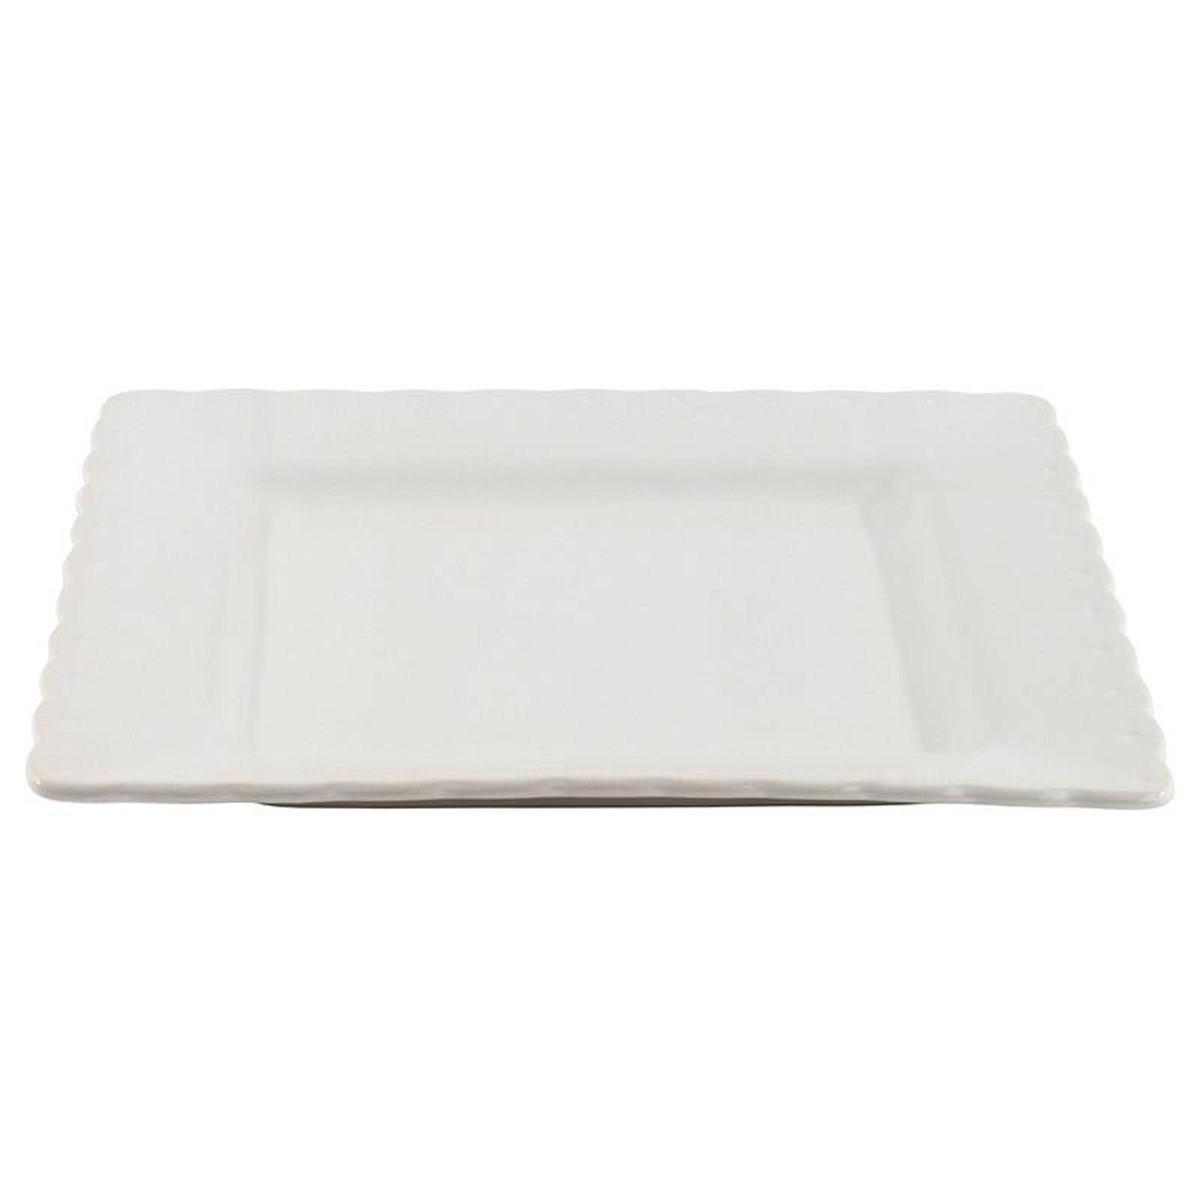 Πιάτα Φαγητού (Σετ 6τμχ) InArt Piedra White 3-60-520-0008